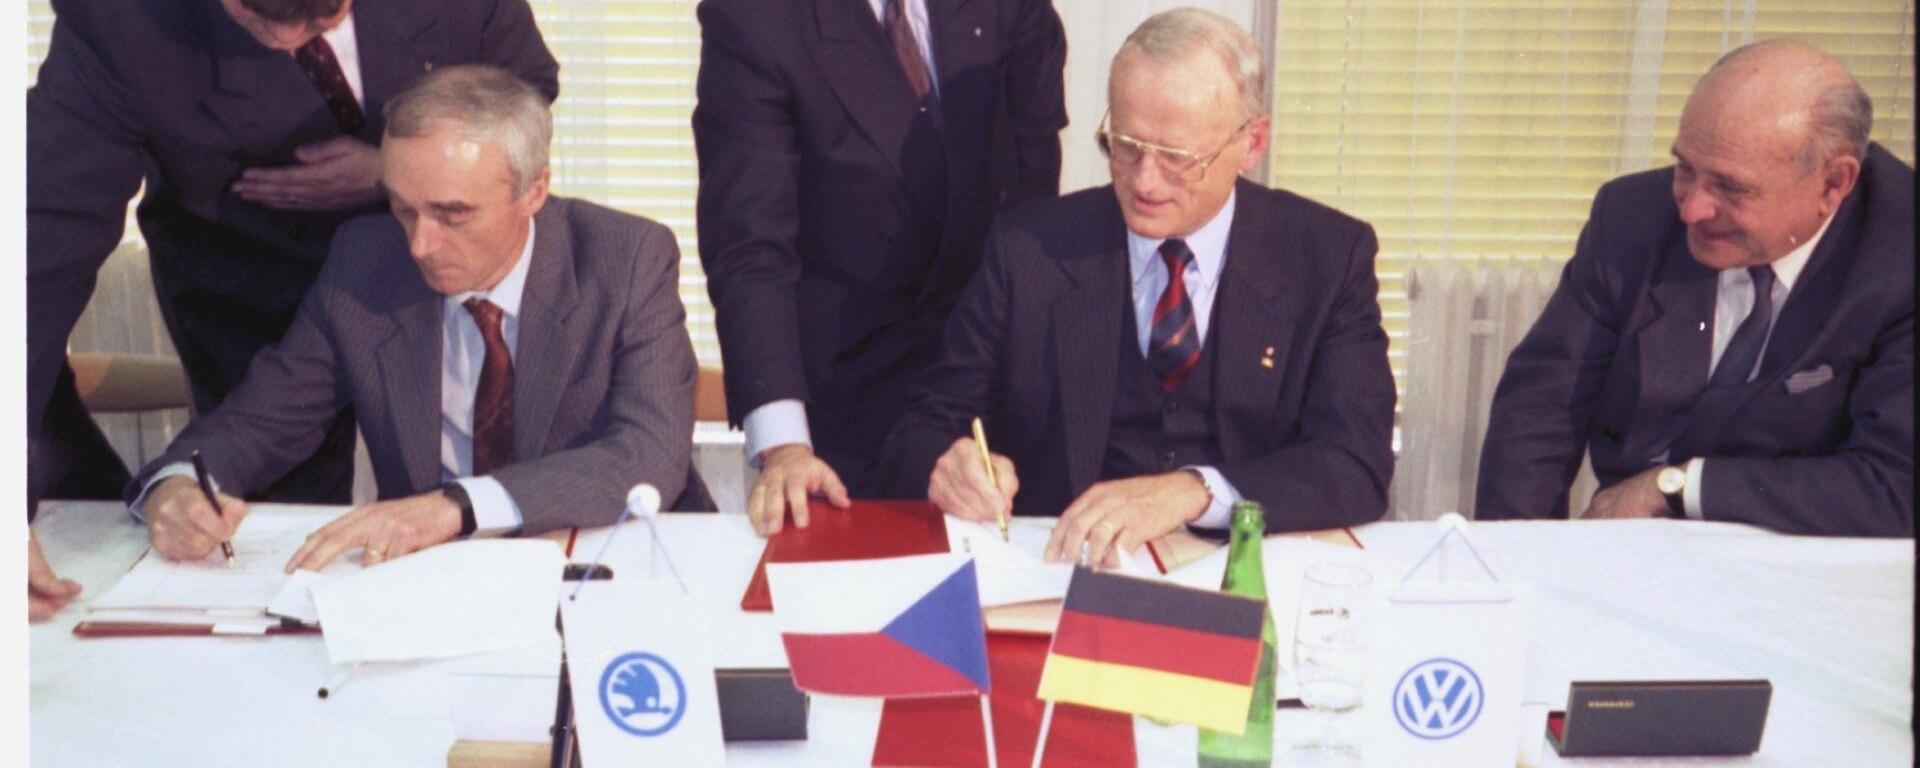 Podpis smlouvy 1991